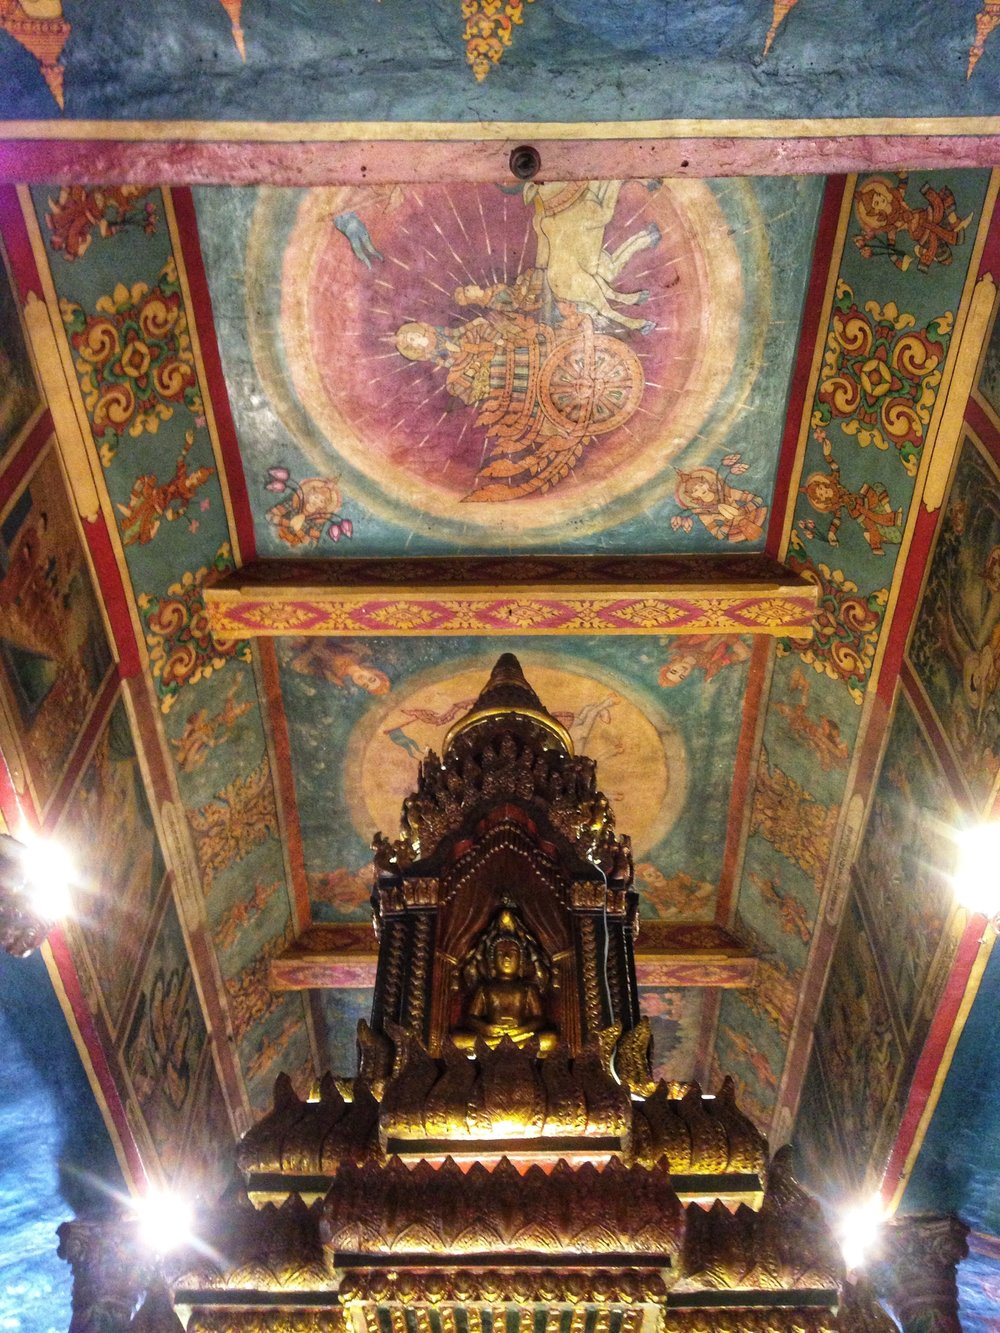 wat phnom ceiling